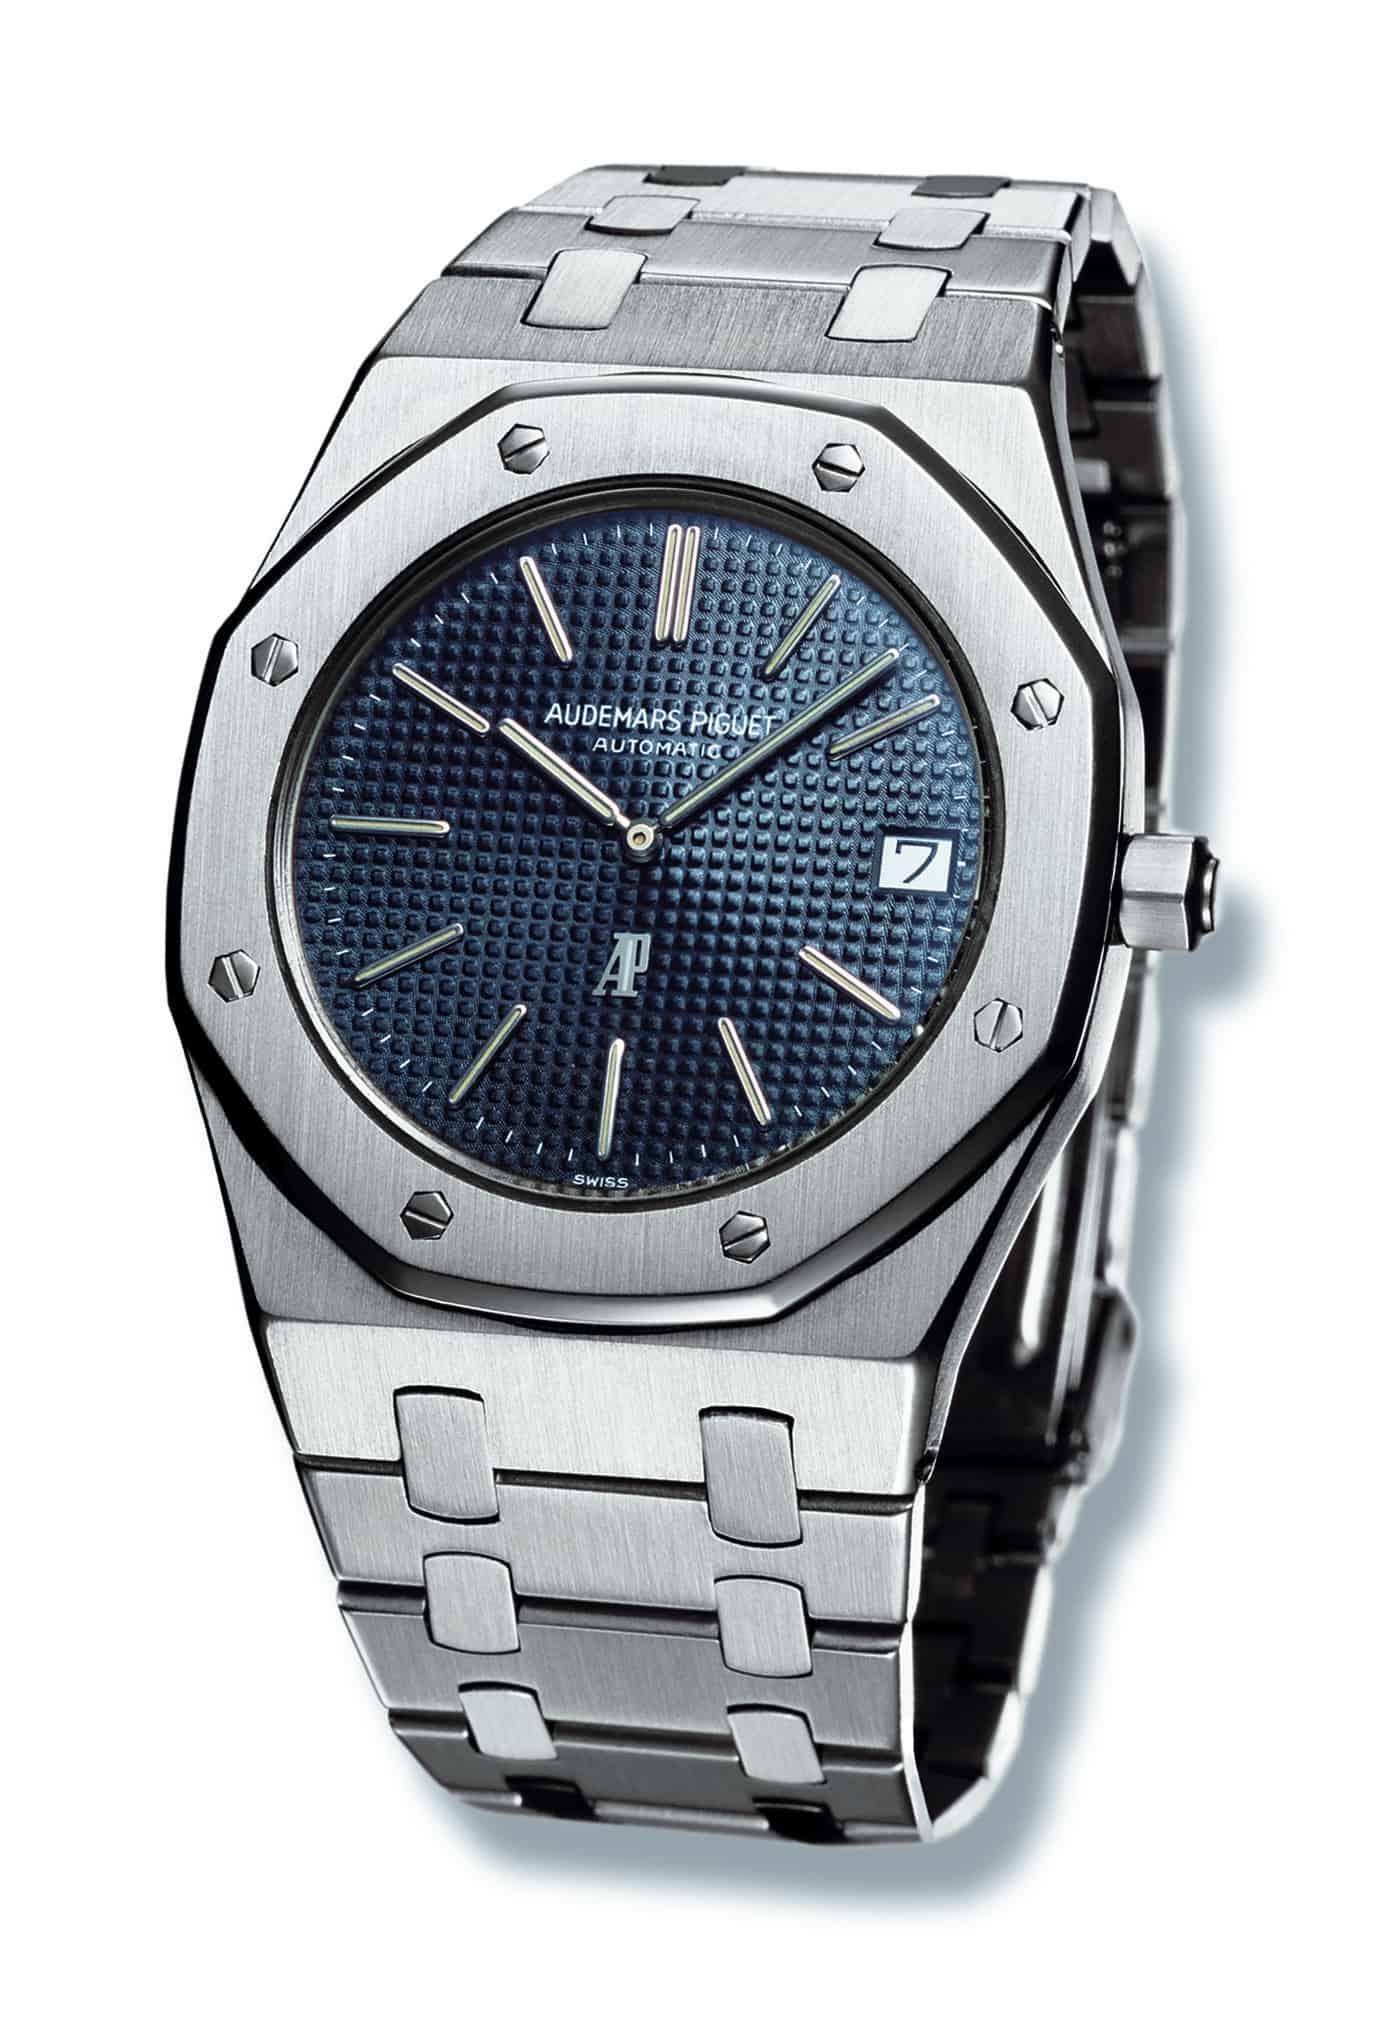 Uhren als Wertanlage trifft auf Audemars Piguet zu